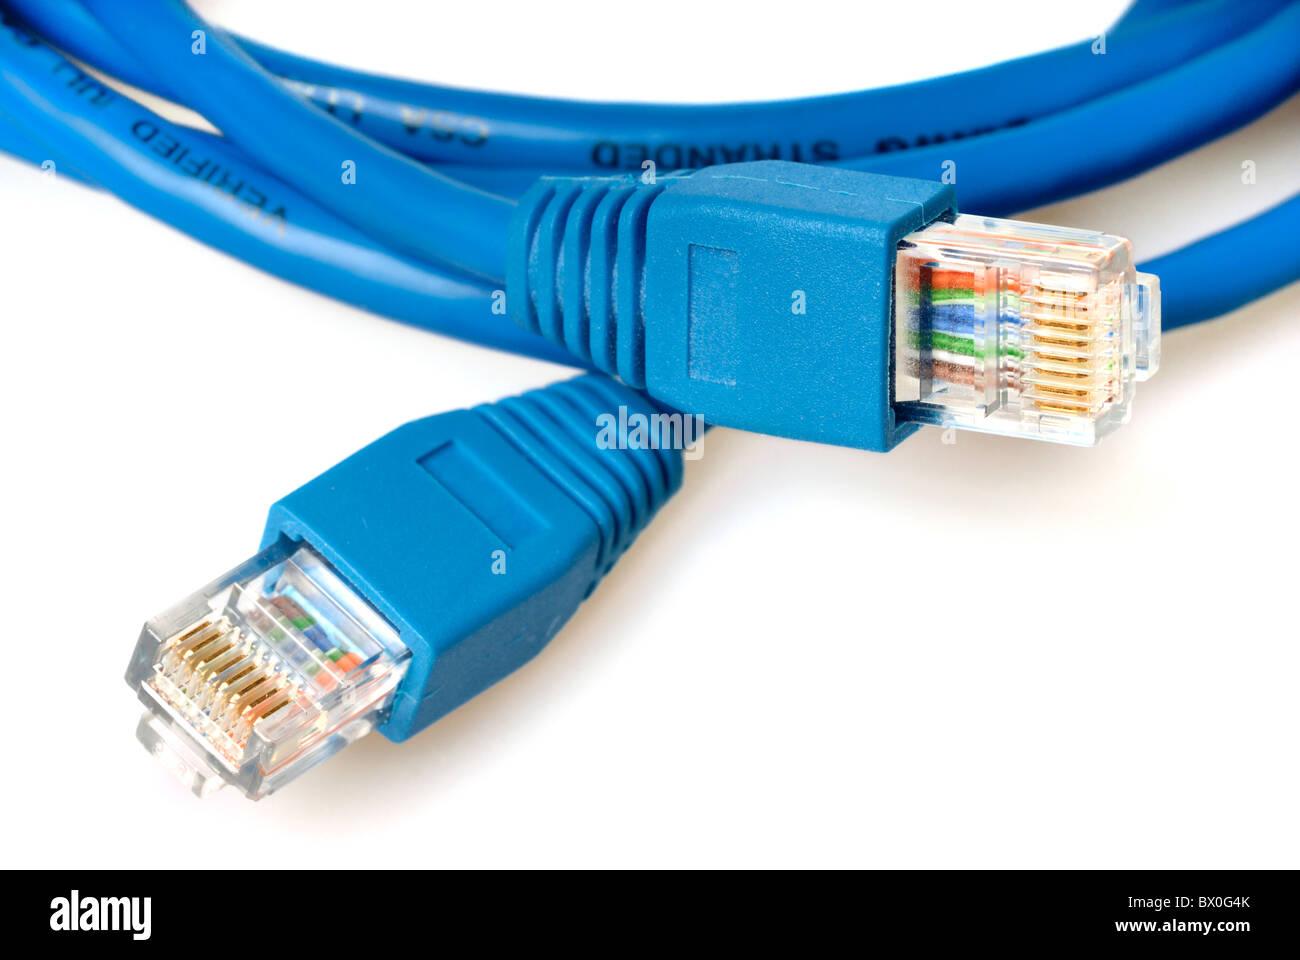 Ethernet Jack Stock Photos & Ethernet Jack Stock Images - Alamy